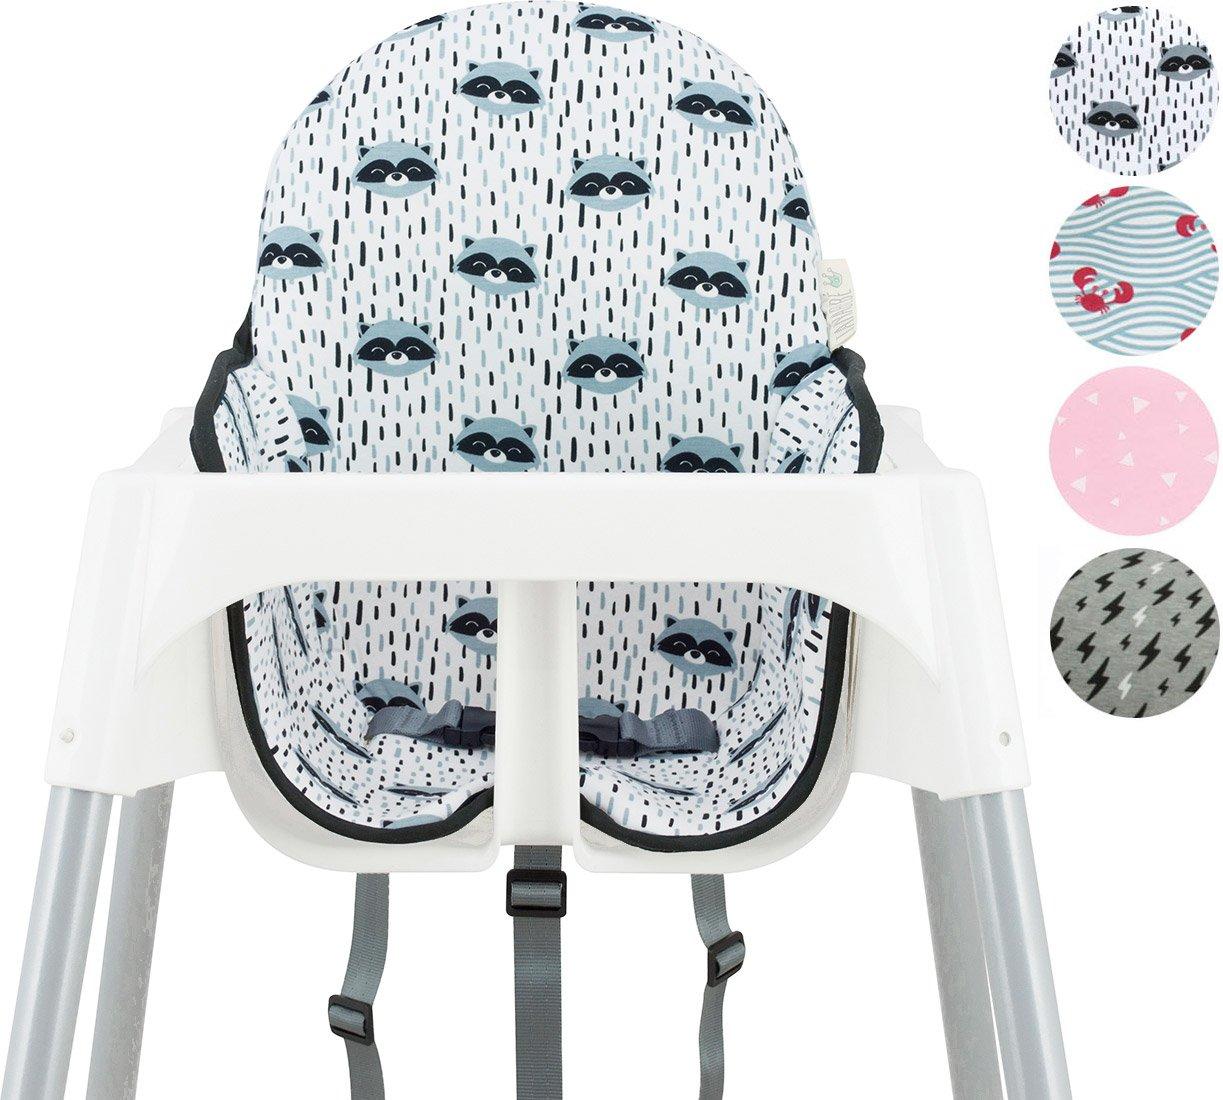 Cushion for high Chair IKEA Antilop by Janabebé (Raccoon)